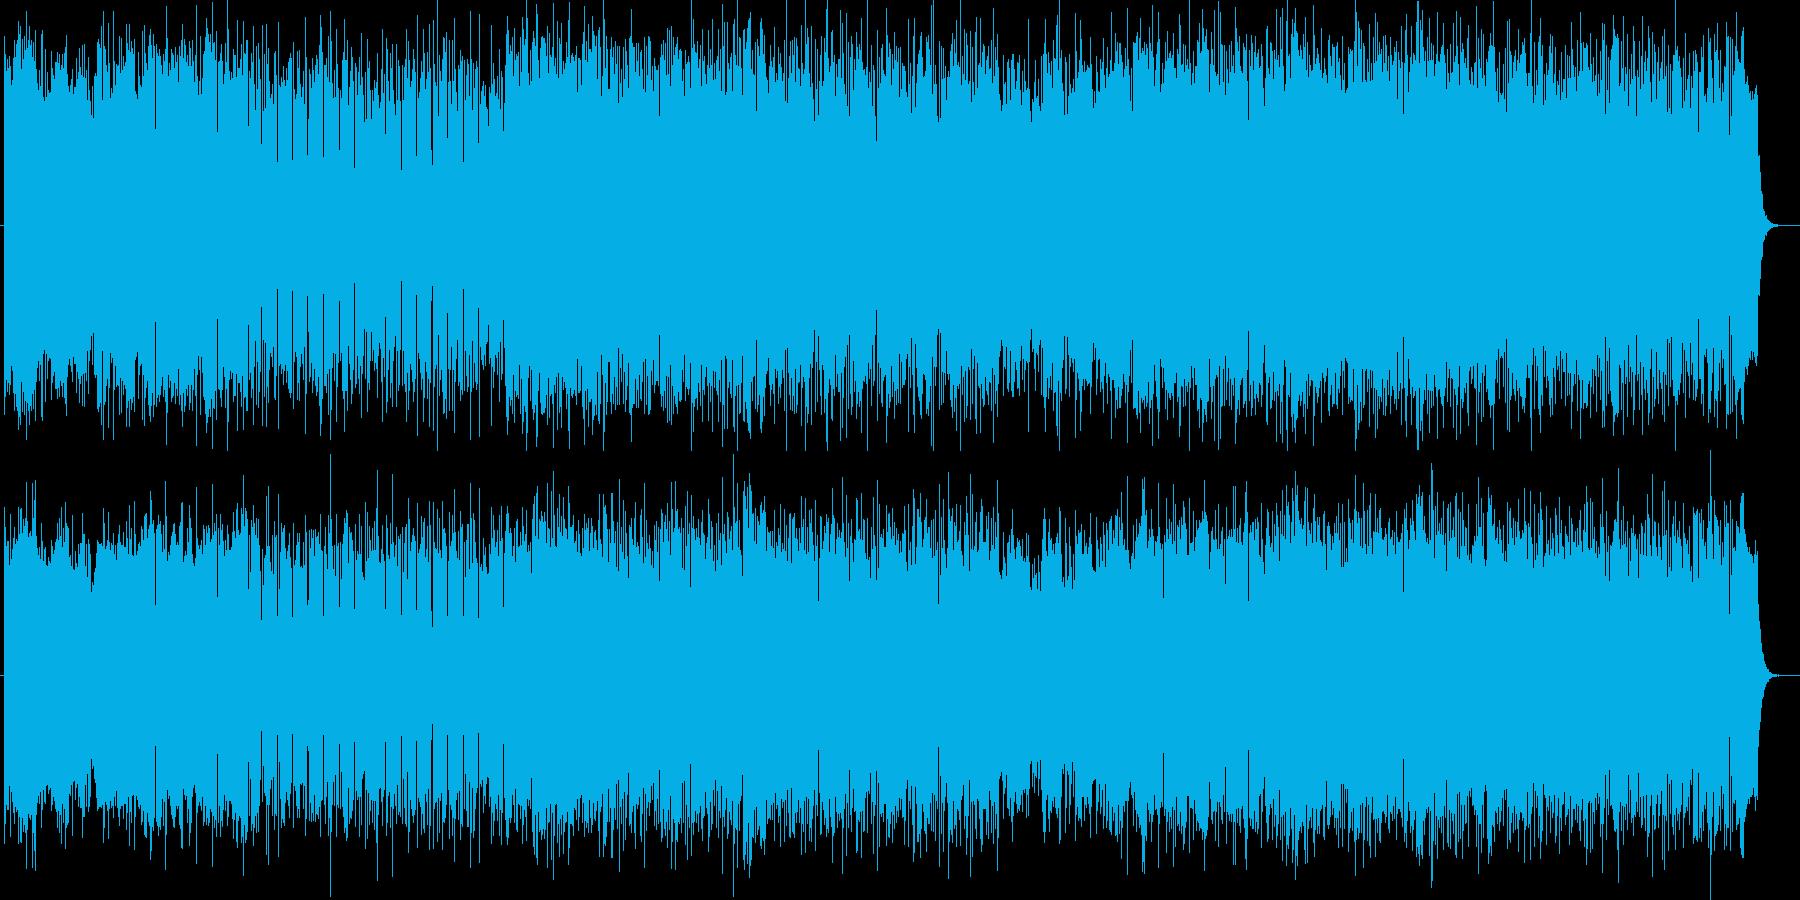 何かが始まる予感がするシンセポップの再生済みの波形